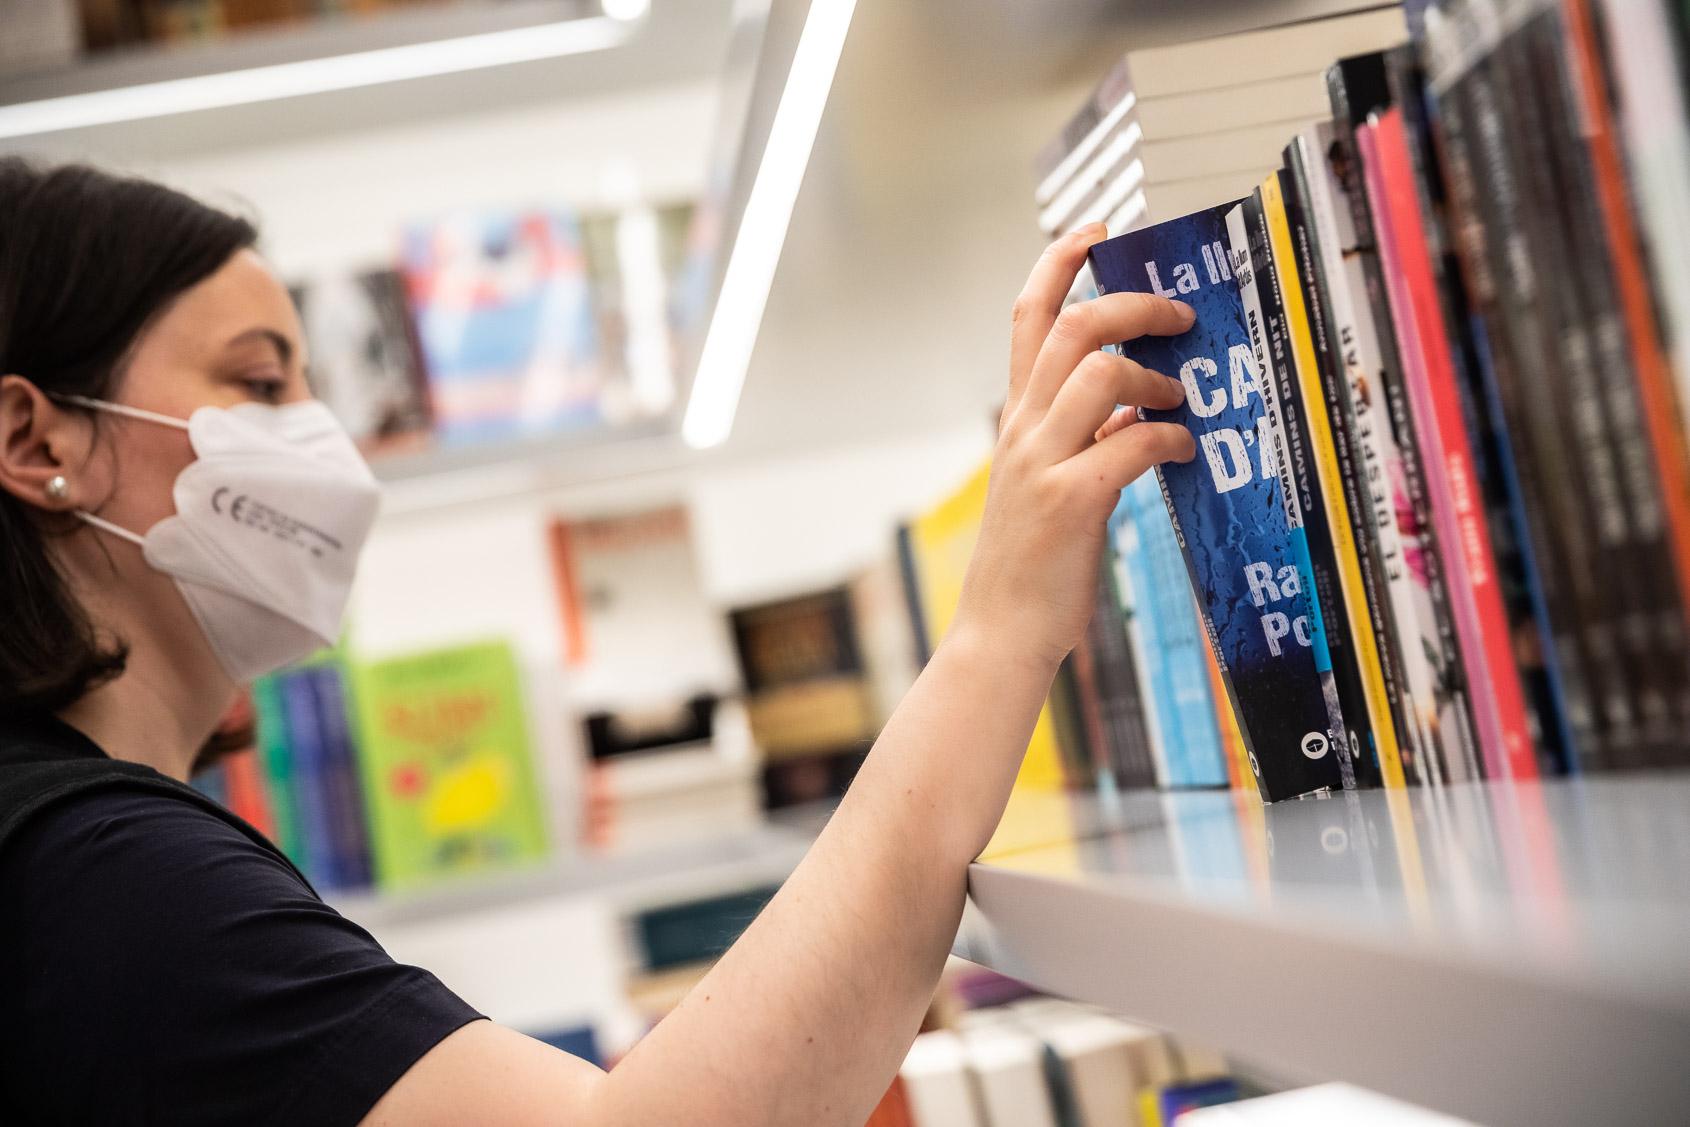 Una treballadora de la llibreria Ona col·locant llibres a la prestatgeria (Jordi Borràs)